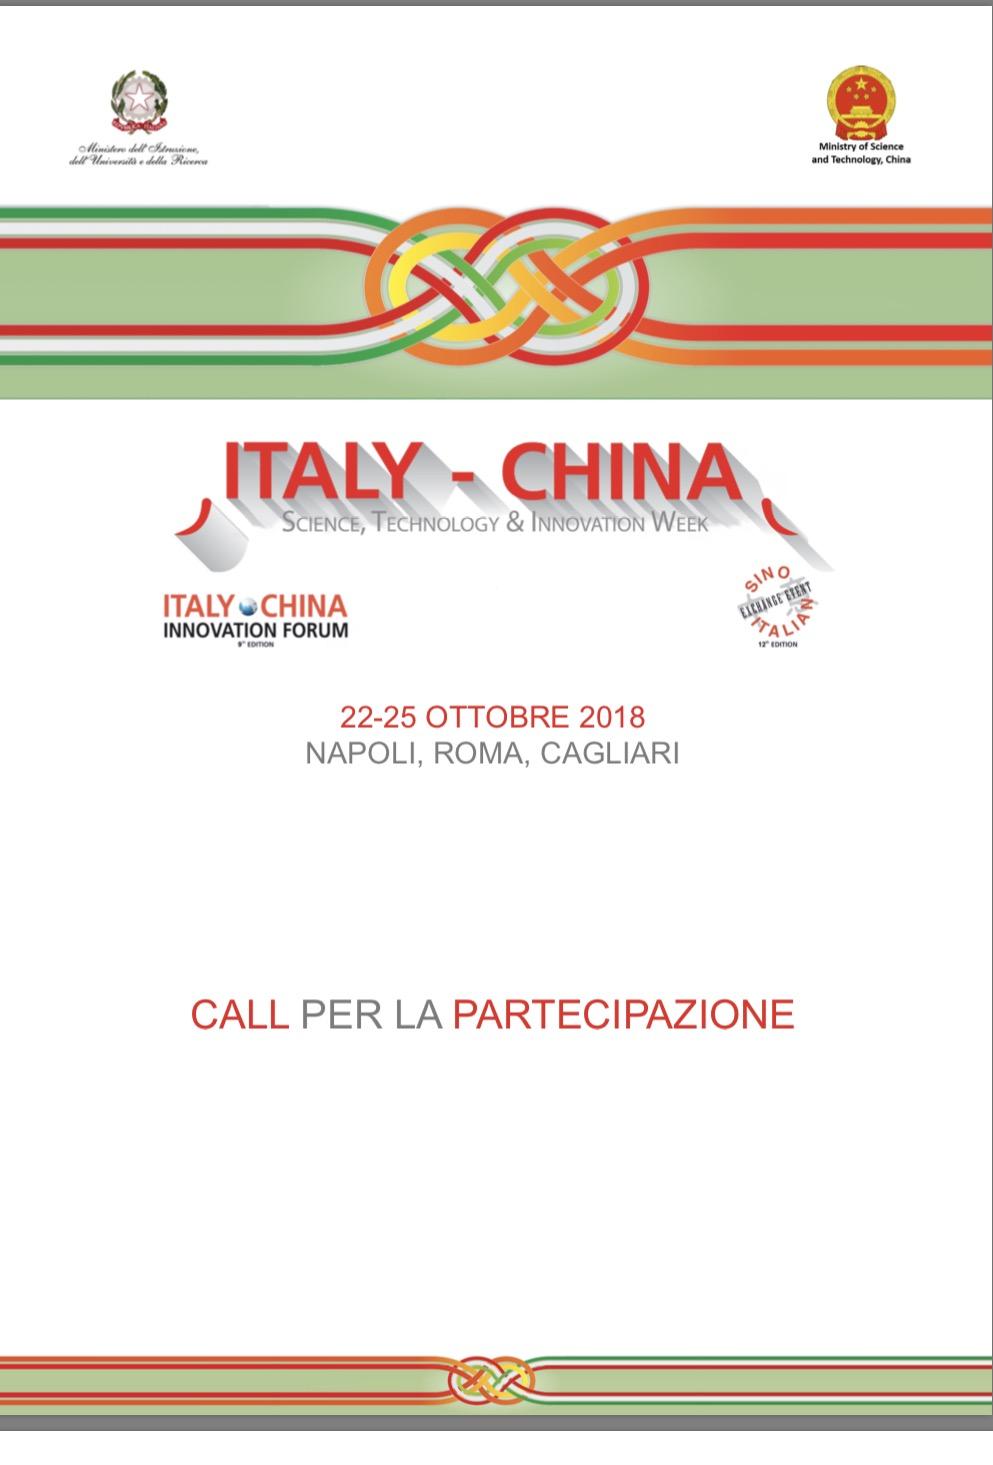 E' aperta la call di partecipazione alla Settimana Italia-Cina della Scienza, della Tecnologia e dell'Innovazione, il più grande evento europeo di internazionalizzazione tra i due Paesi, in programma a Napoli, [...]